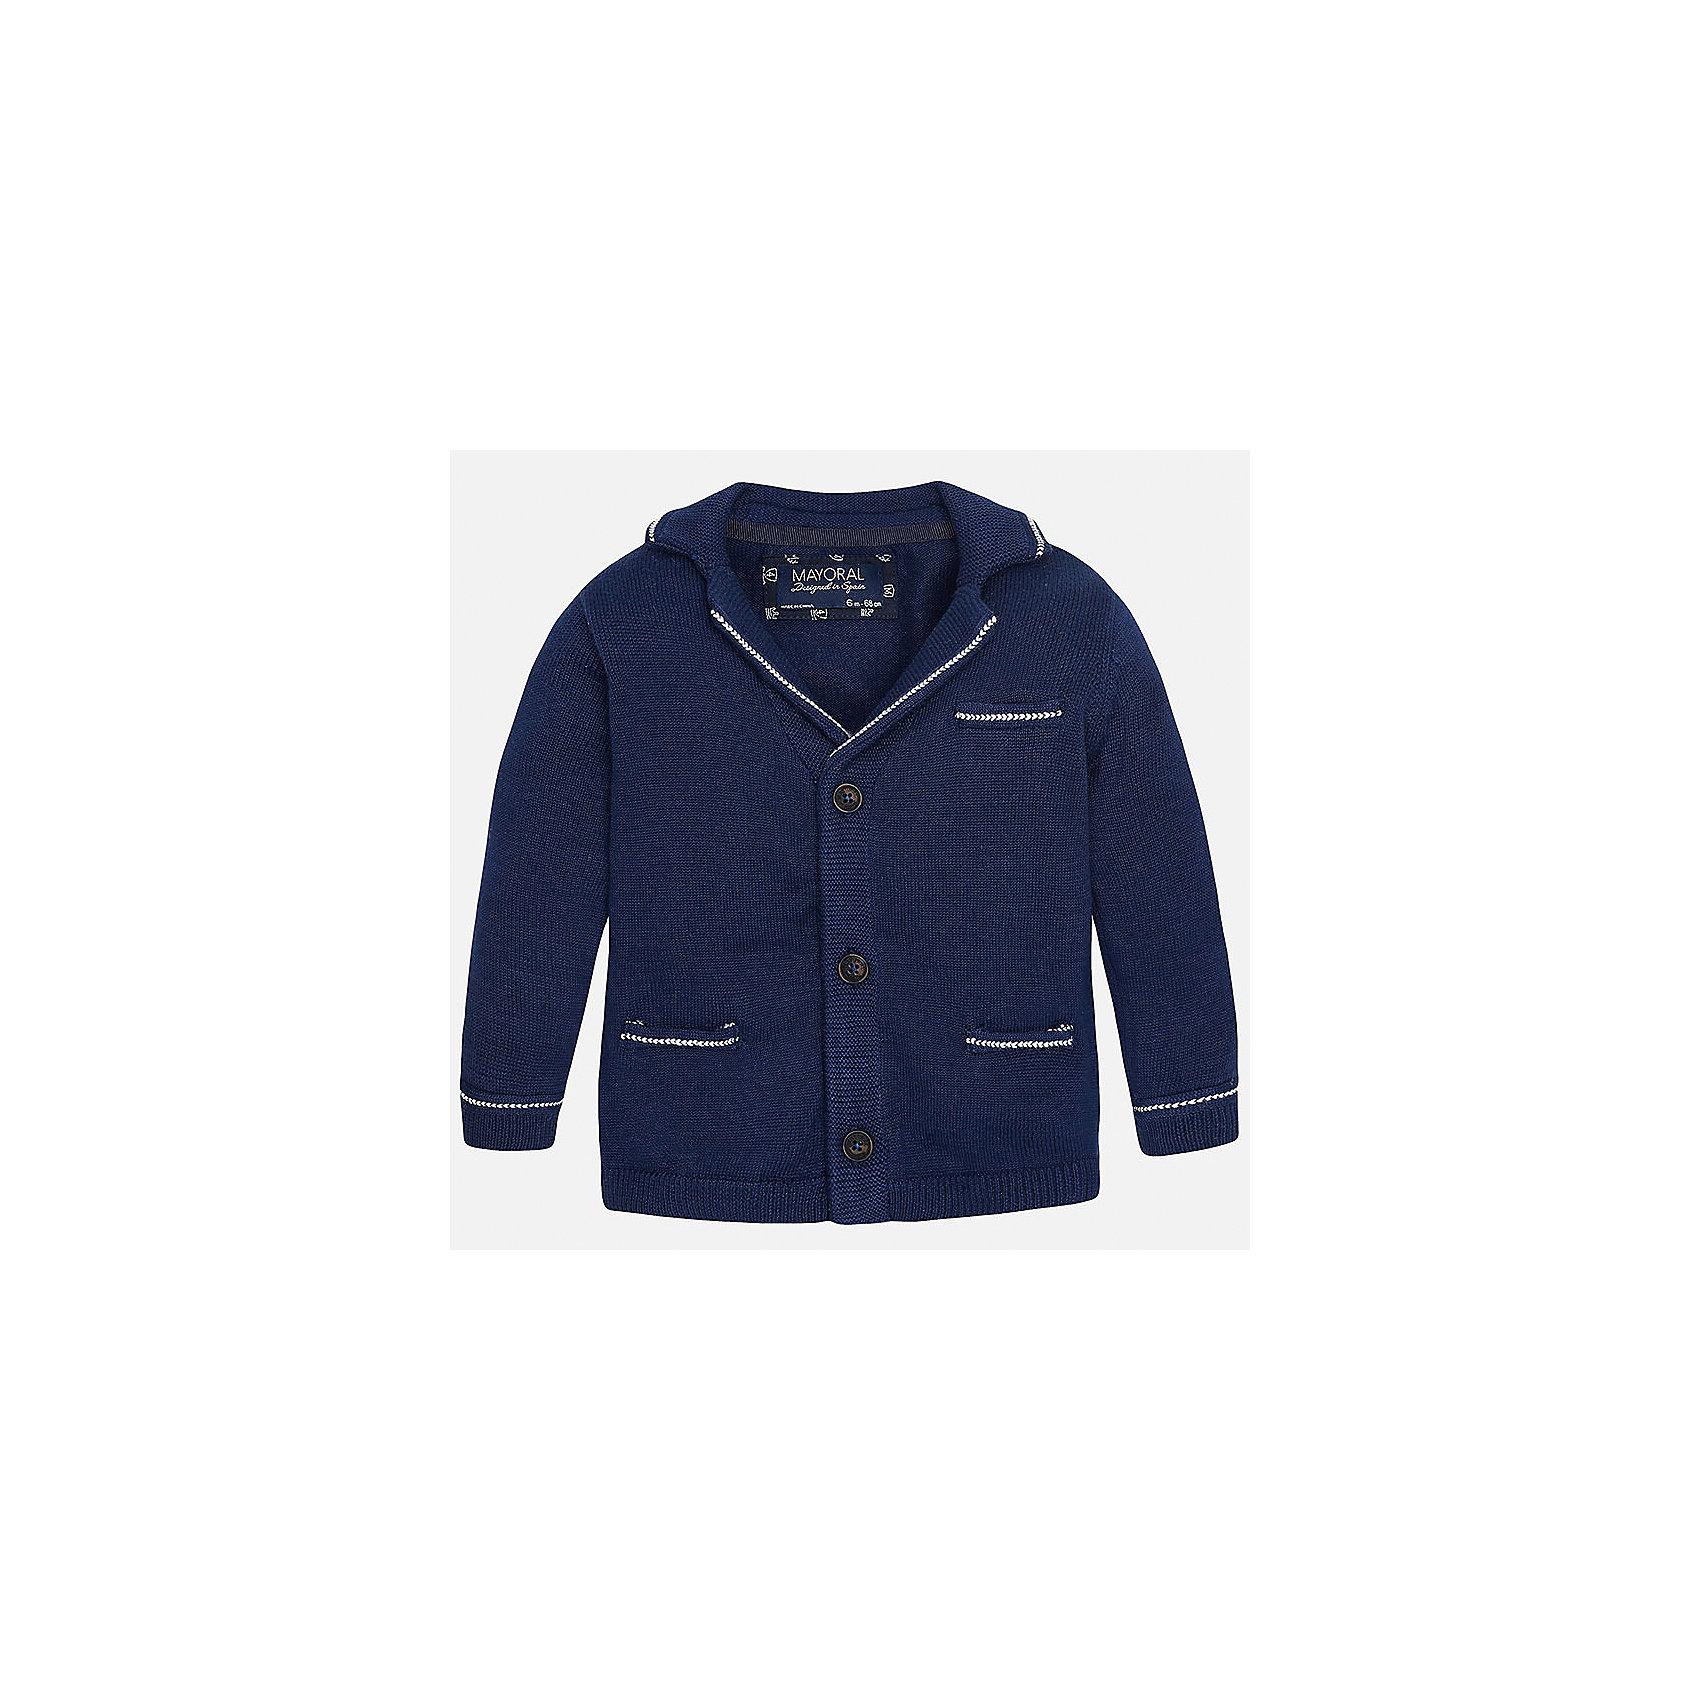 Пиджак для мальчика MayoralХарактеристики товара:<br><br>• цвет: синий<br>• состав: 100% хлопок<br>• рукава длинные <br>• карманы<br>• пуговицы <br>• манжеты<br>• страна бренда: Испания<br><br>Удобный и красивый пиджак для мальчика поможет разнообразить гардероб ребенка и обеспечить тепло. Он отлично сочетается и с джинсами, и с брюками. Универсальный цвет позволяет подобрать к вещи низ различных расцветок. Интересная отделка модели делает её нарядной и оригинальной. В составе материала - только натуральный хлопок, гипоаллергенный, приятный на ощупь, дышащий.<br><br>Одежда, обувь и аксессуары от испанского бренда Mayoral полюбились детям и взрослым по всему миру. Модели этой марки - стильные и удобные. Для их производства используются только безопасные, качественные материалы и фурнитура. Порадуйте ребенка модными и красивыми вещами от Mayoral! <br><br>Пиджак для мальчика от испанского бренда Mayoral (Майорал) можно купить в нашем интернет-магазине.<br><br>Ширина мм: 174<br>Глубина мм: 10<br>Высота мм: 169<br>Вес г: 157<br>Цвет: черный<br>Возраст от месяцев: 6<br>Возраст до месяцев: 9<br>Пол: Мужской<br>Возраст: Детский<br>Размер: 74,80,86,92<br>SKU: 5279566